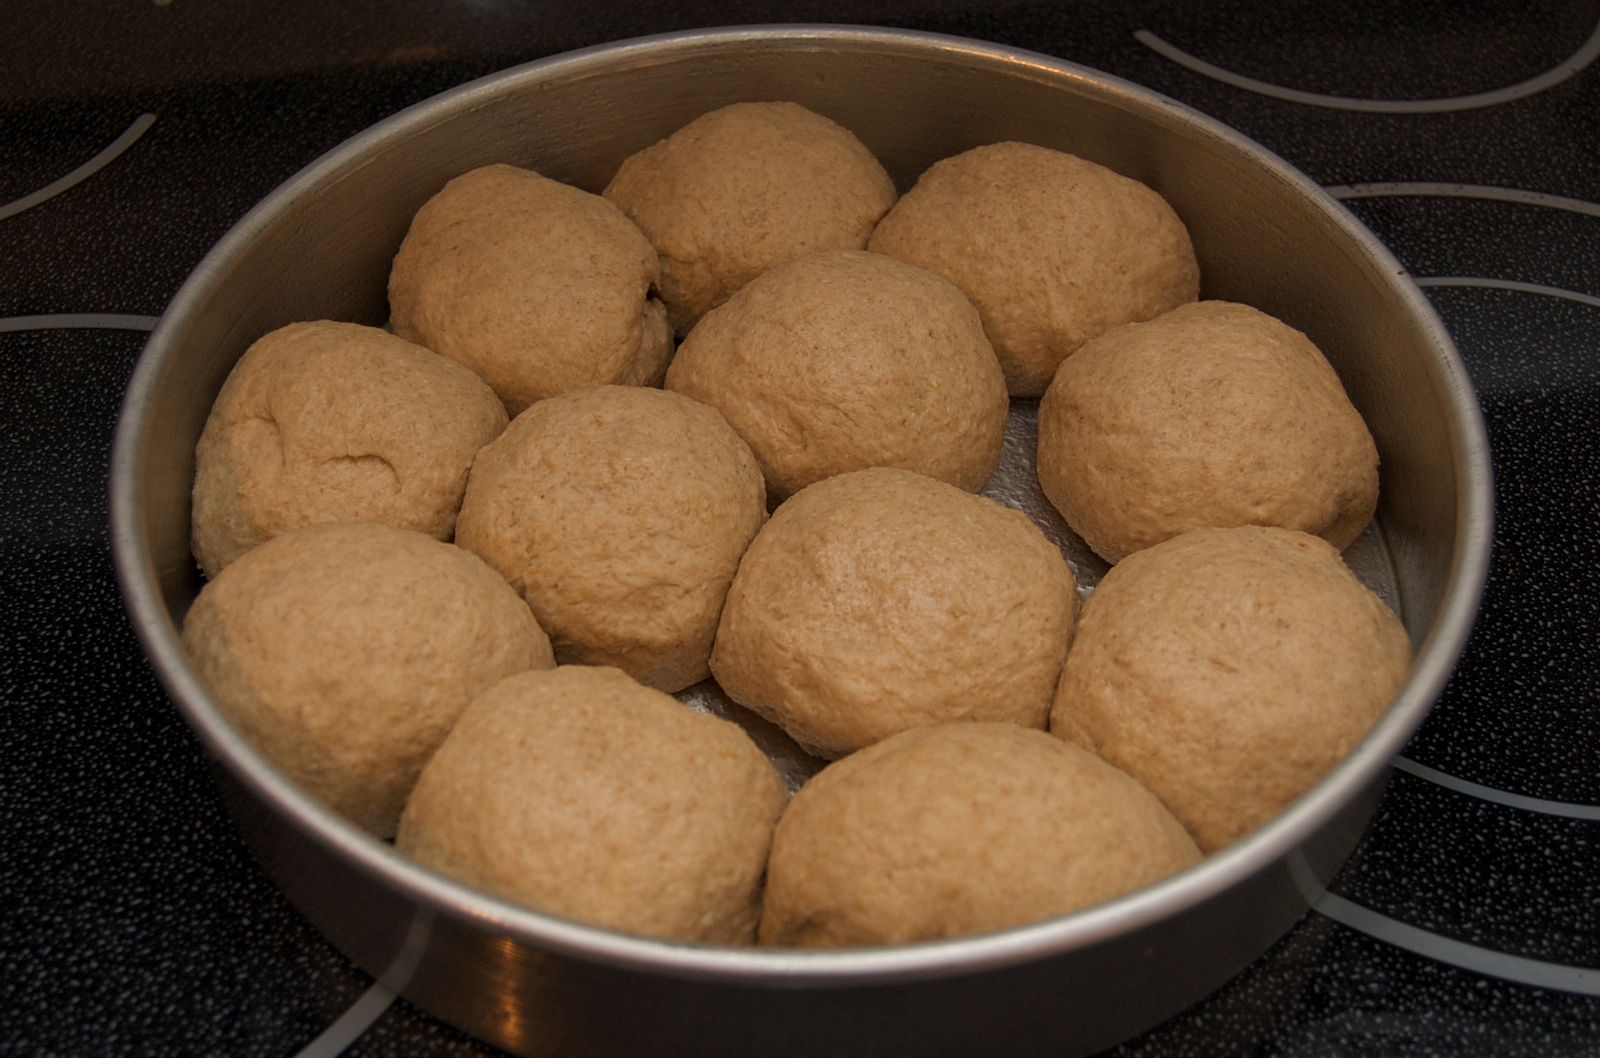 http://blog.rickk.com/food/2009/12/27/rolls4.jpg